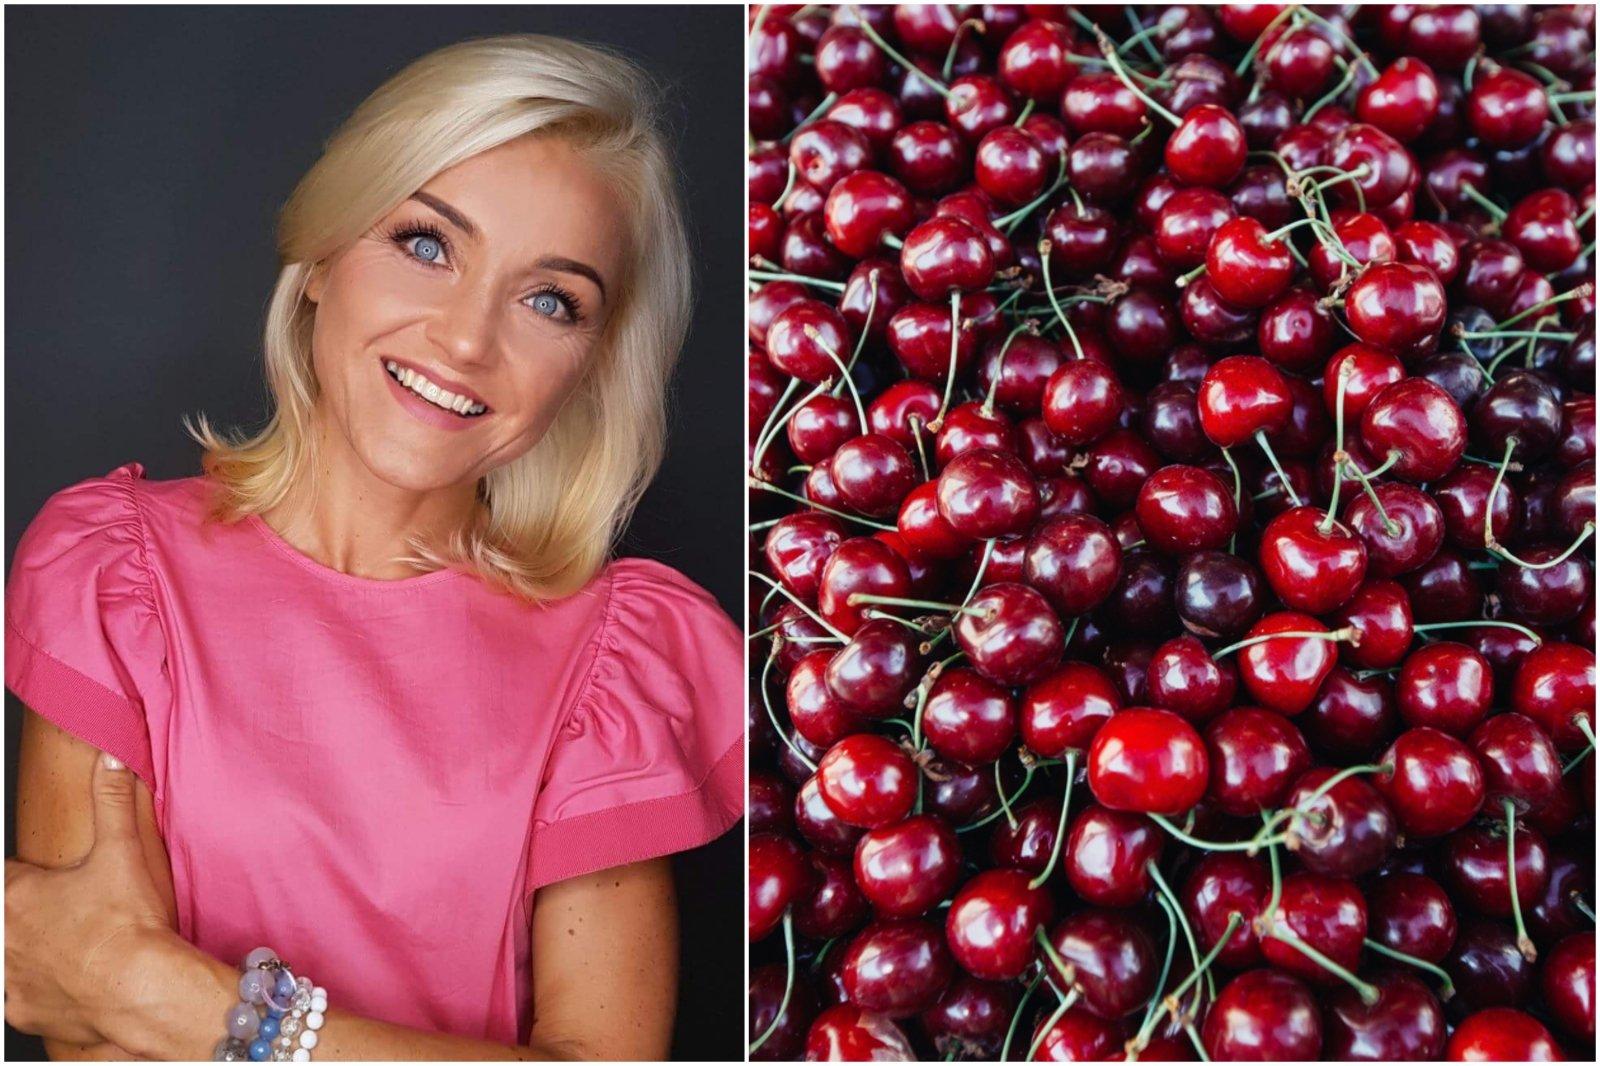 Kaip sulaukti burnoje tirpstančių vyšnių derliaus? Tik keletas nurodymų